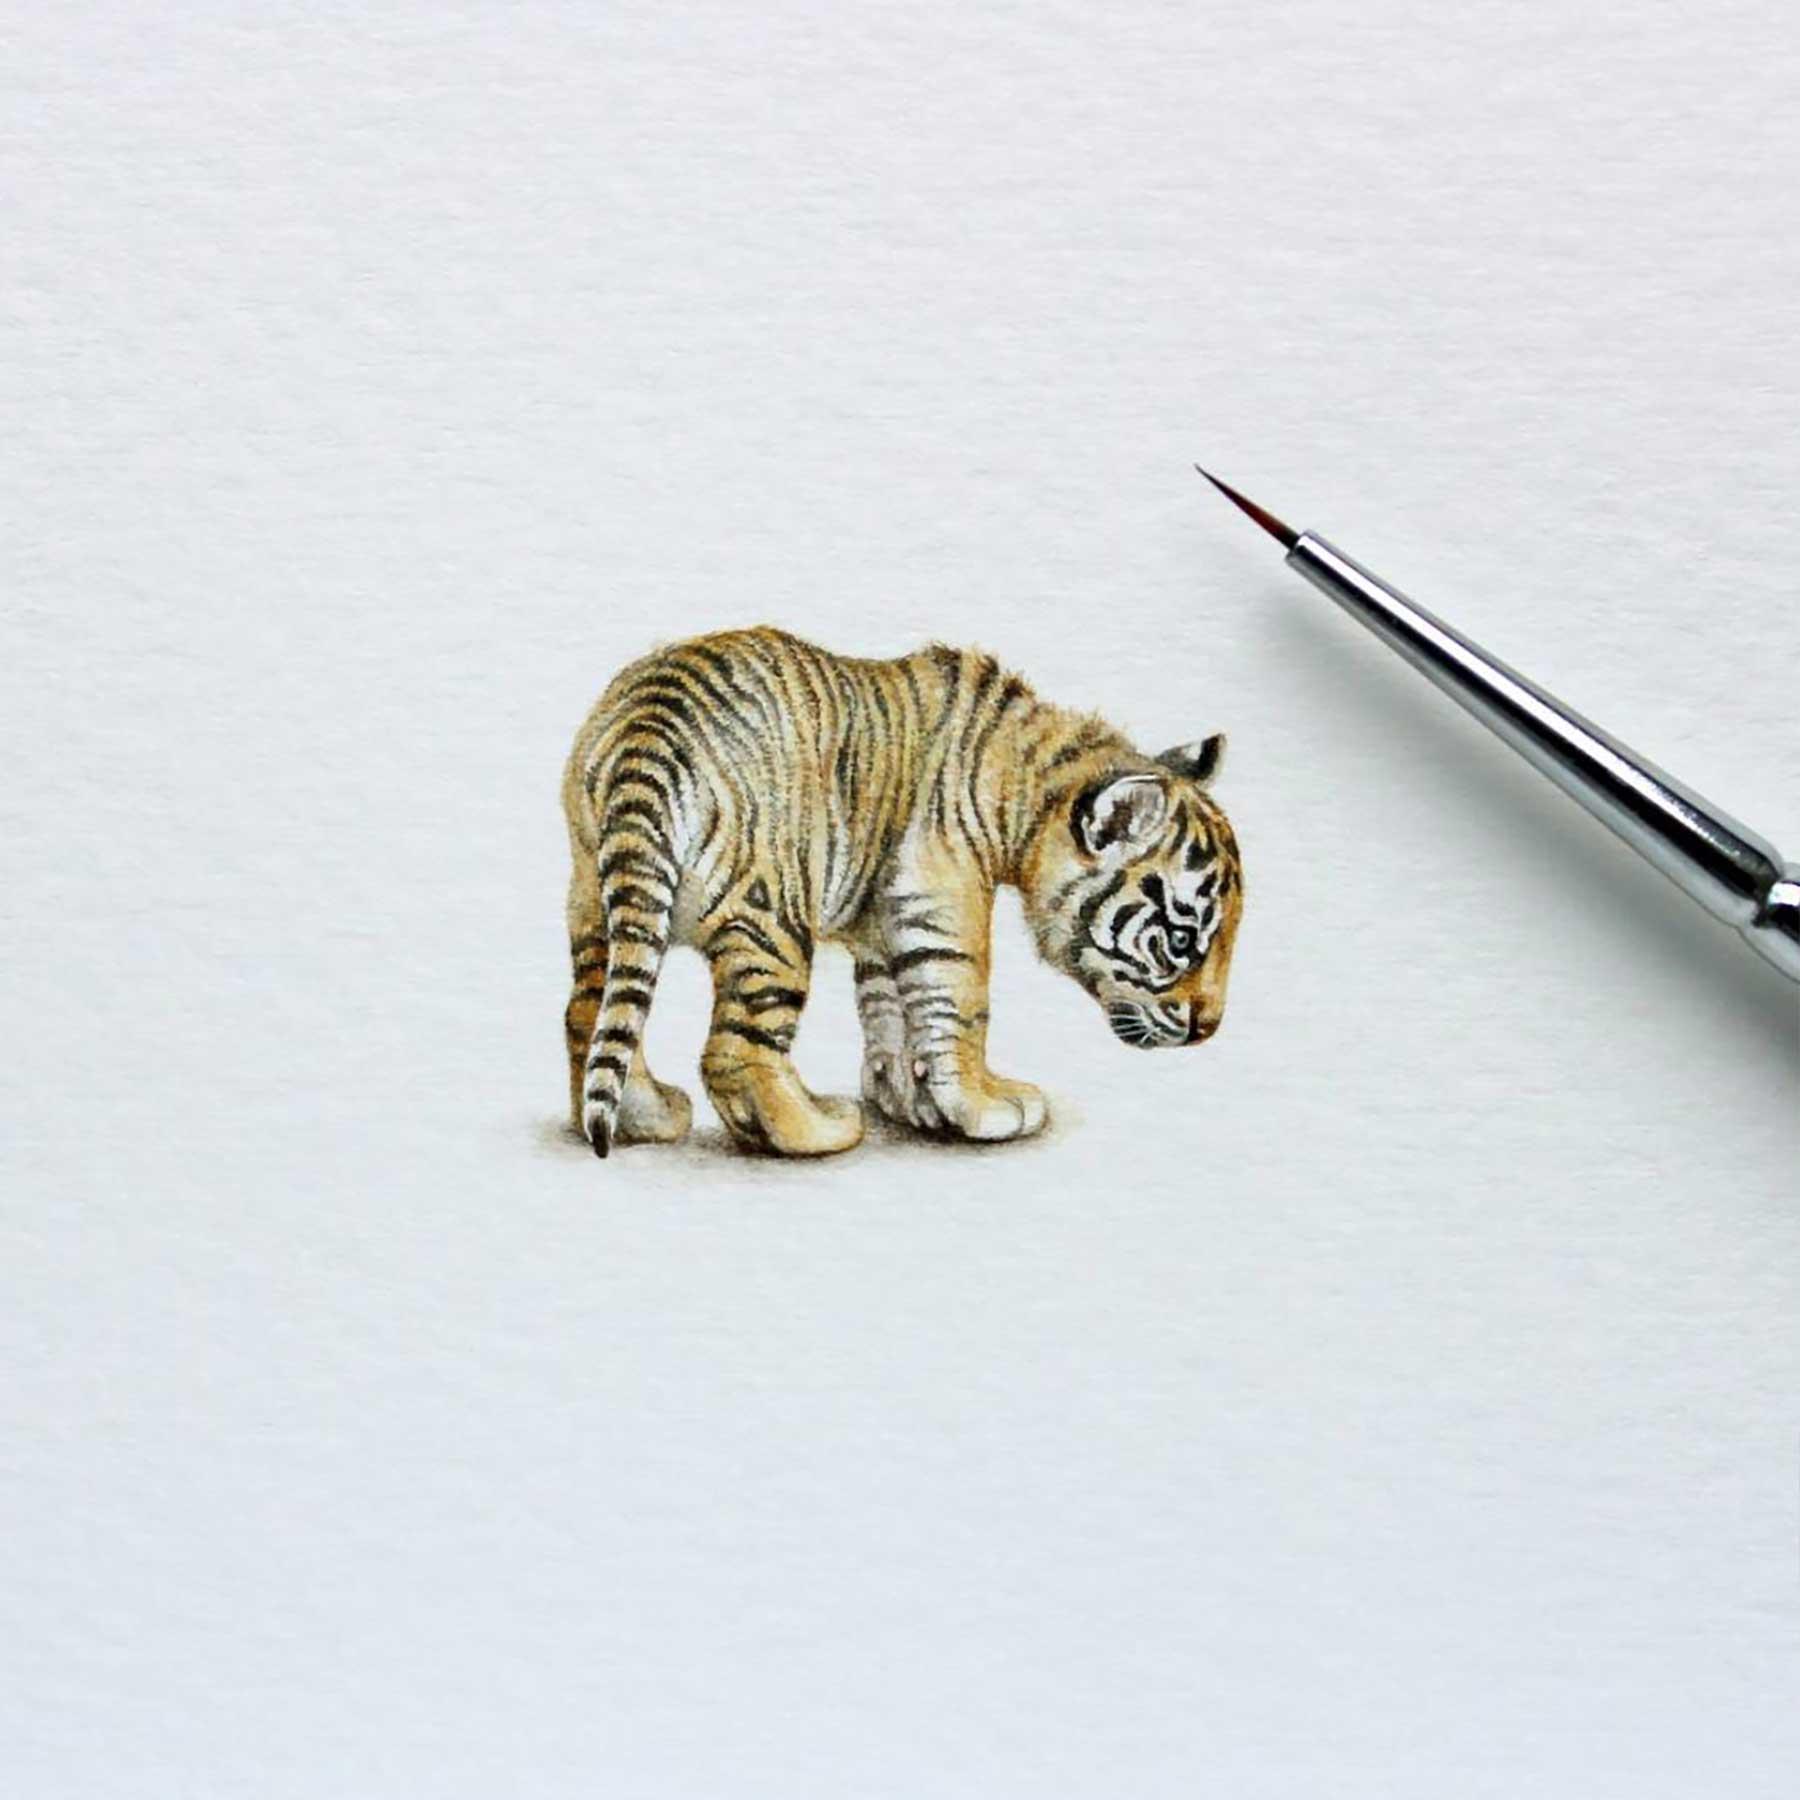 Miniatur-Wasserfarb-Tiere julia-las-wasserfarbe-tierportraits_06